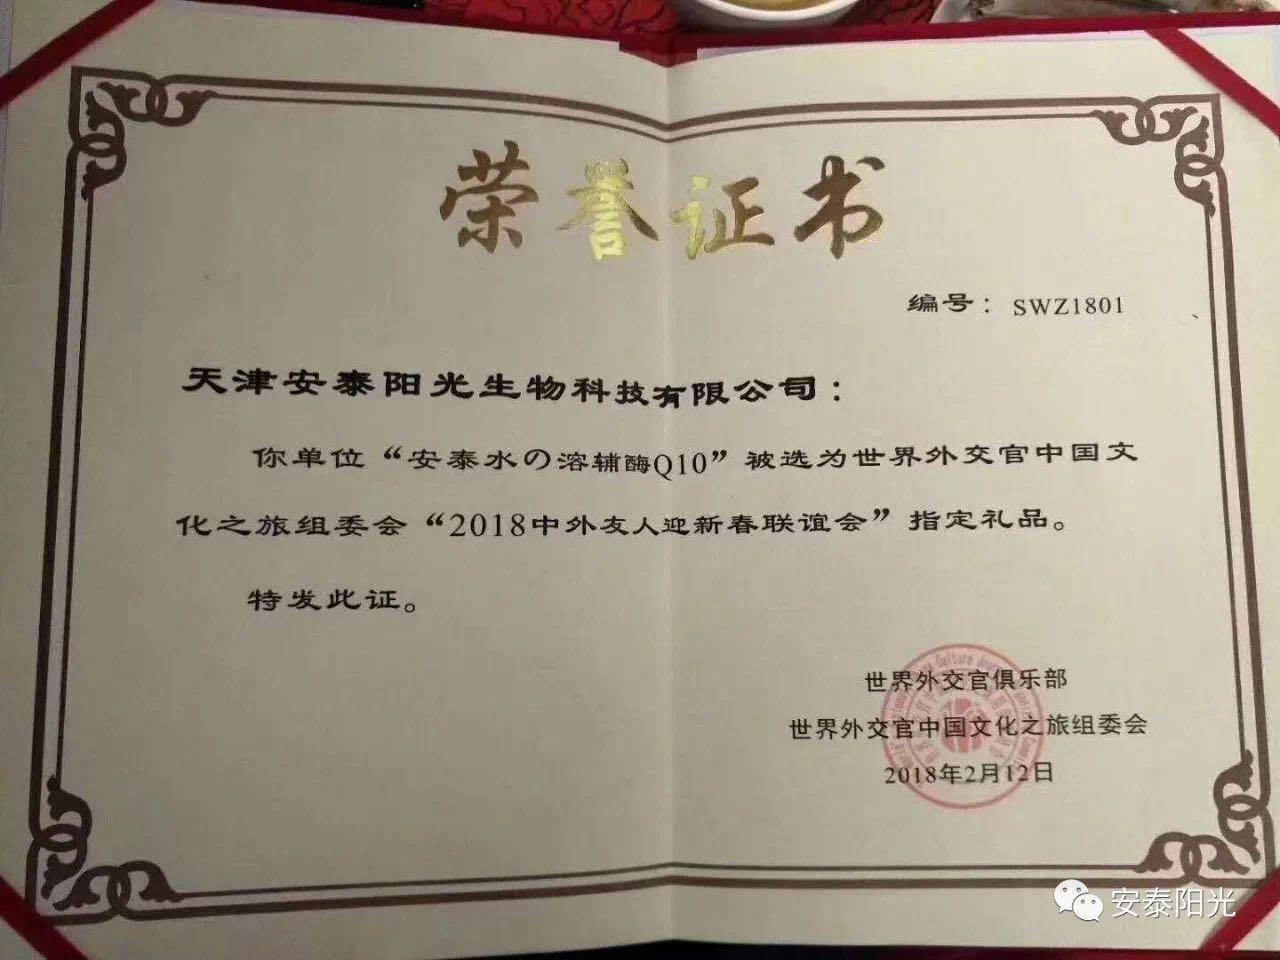 必威体育手机版本下载产品被选为 2018年中外友人迎新春联谊会 指定礼品